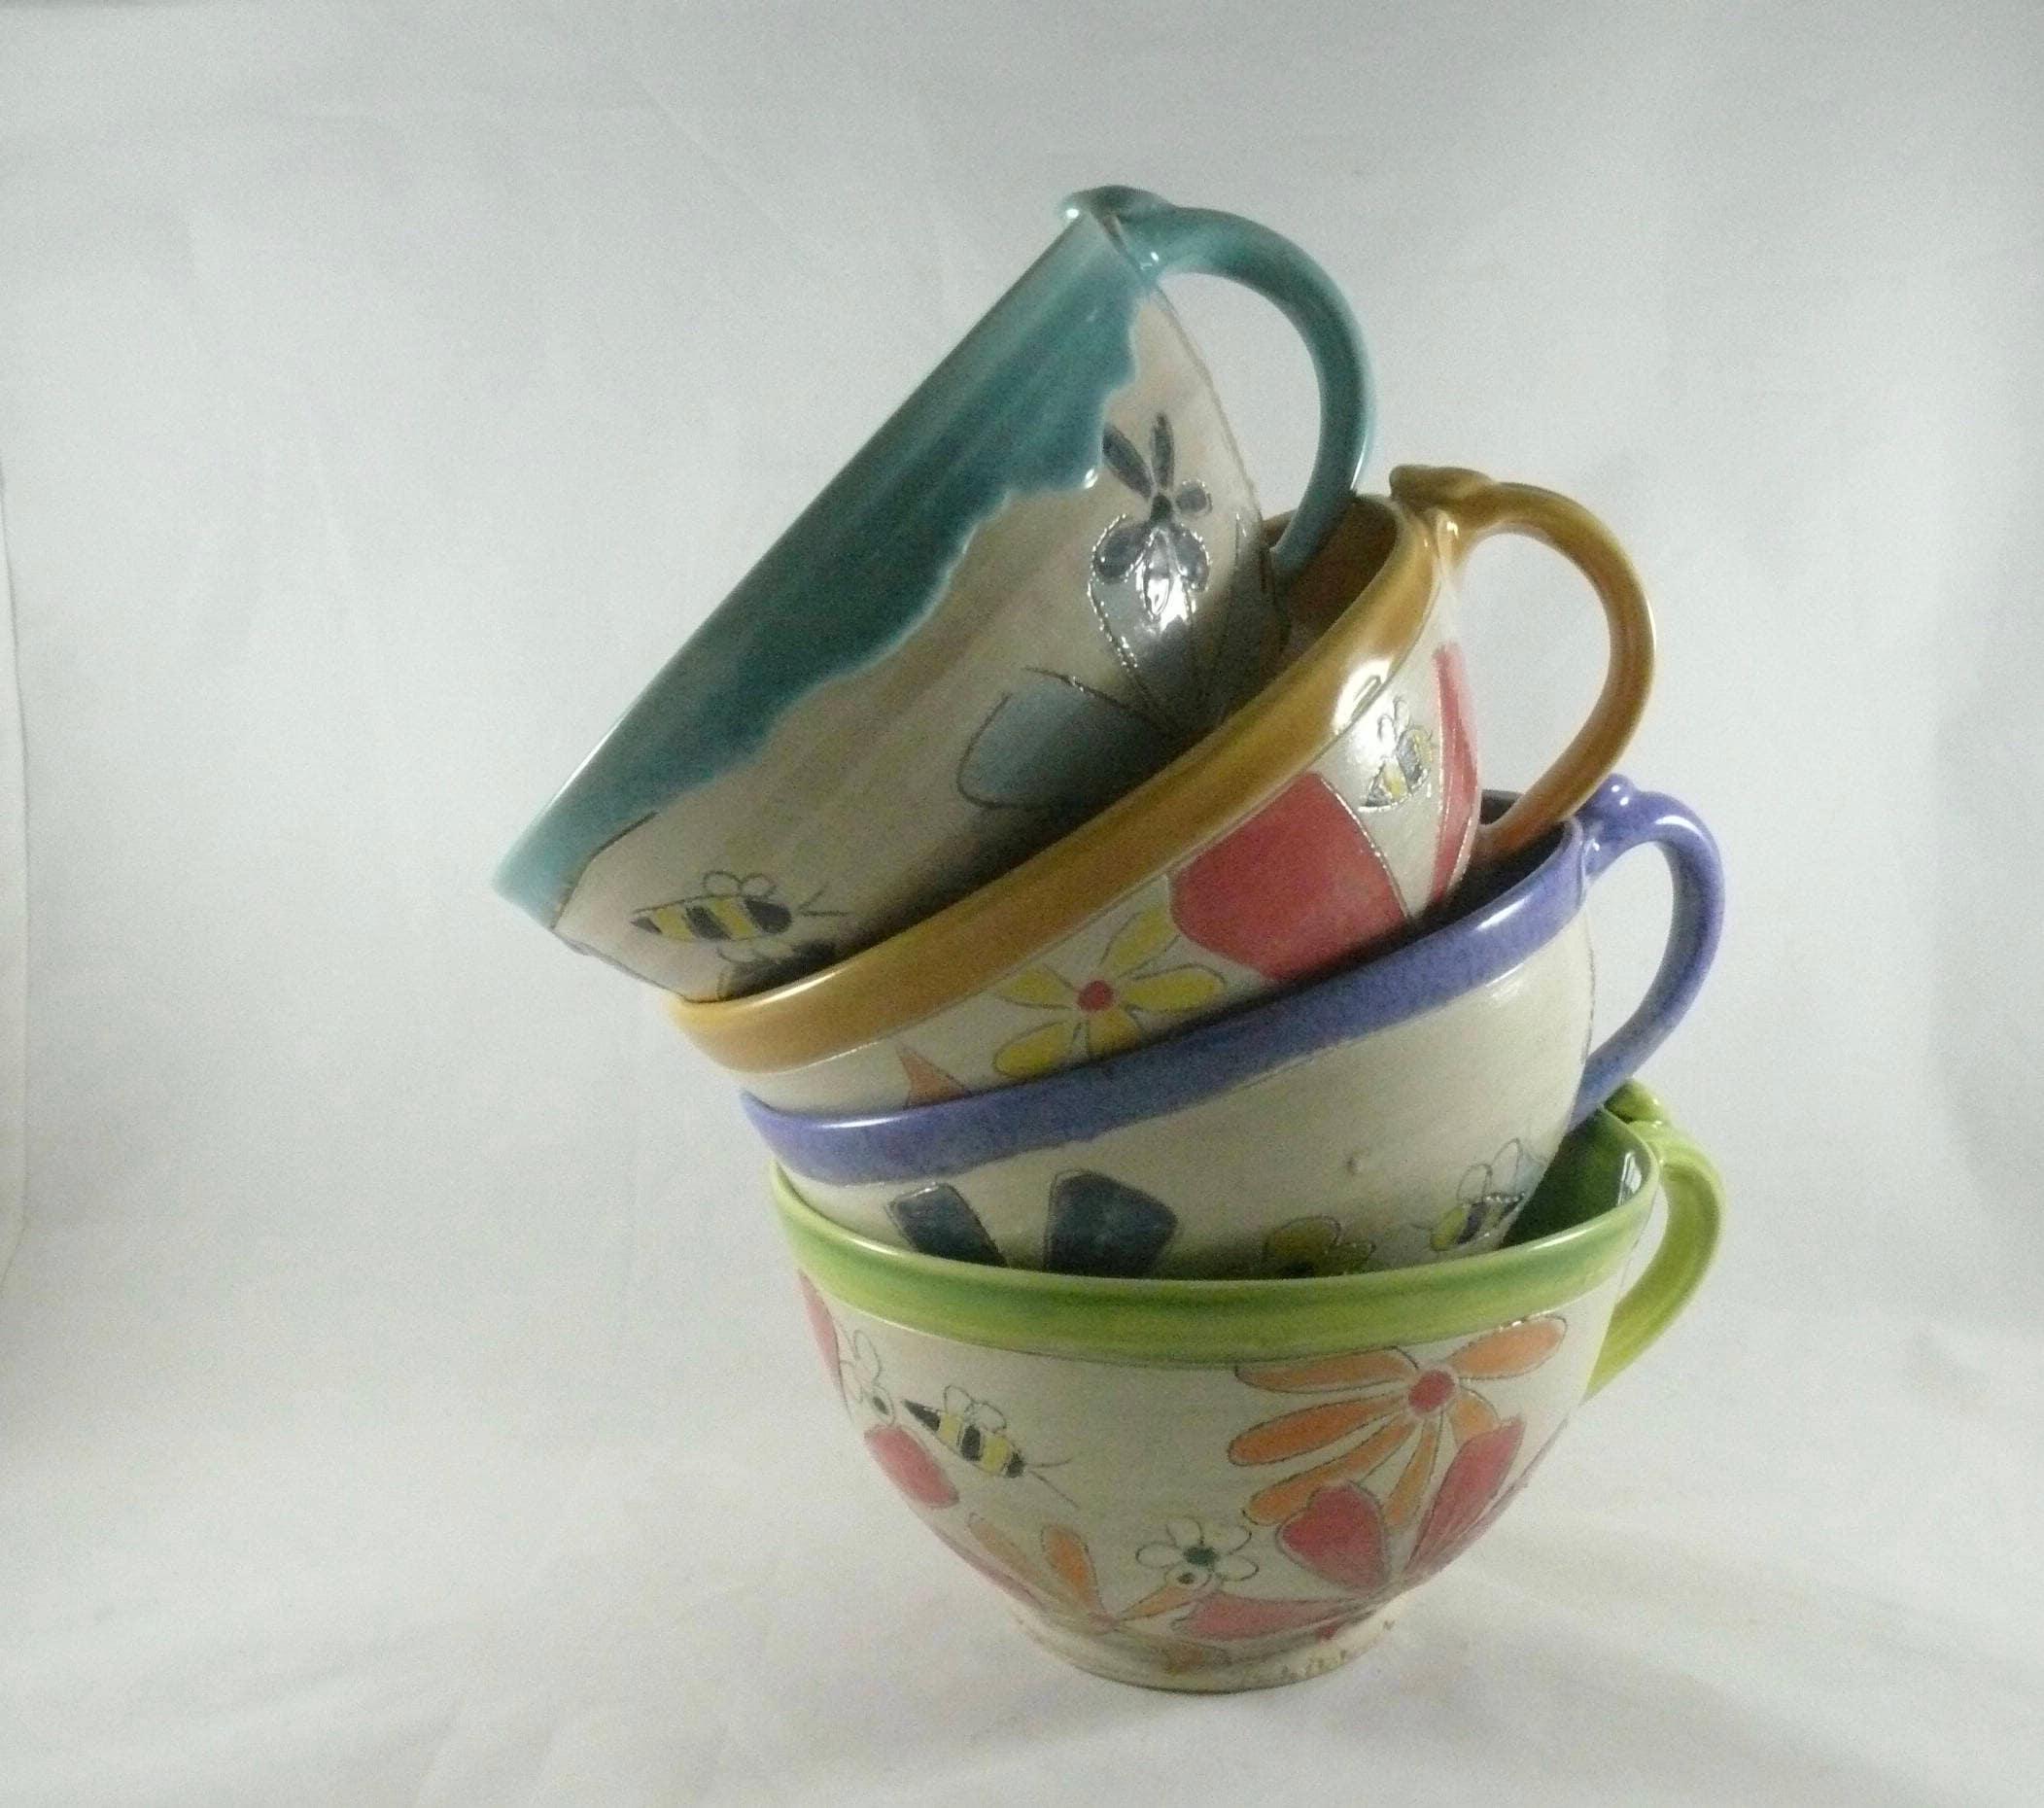 Ceramic Soup Mugs Bowls With Handles Set Of Four Unique